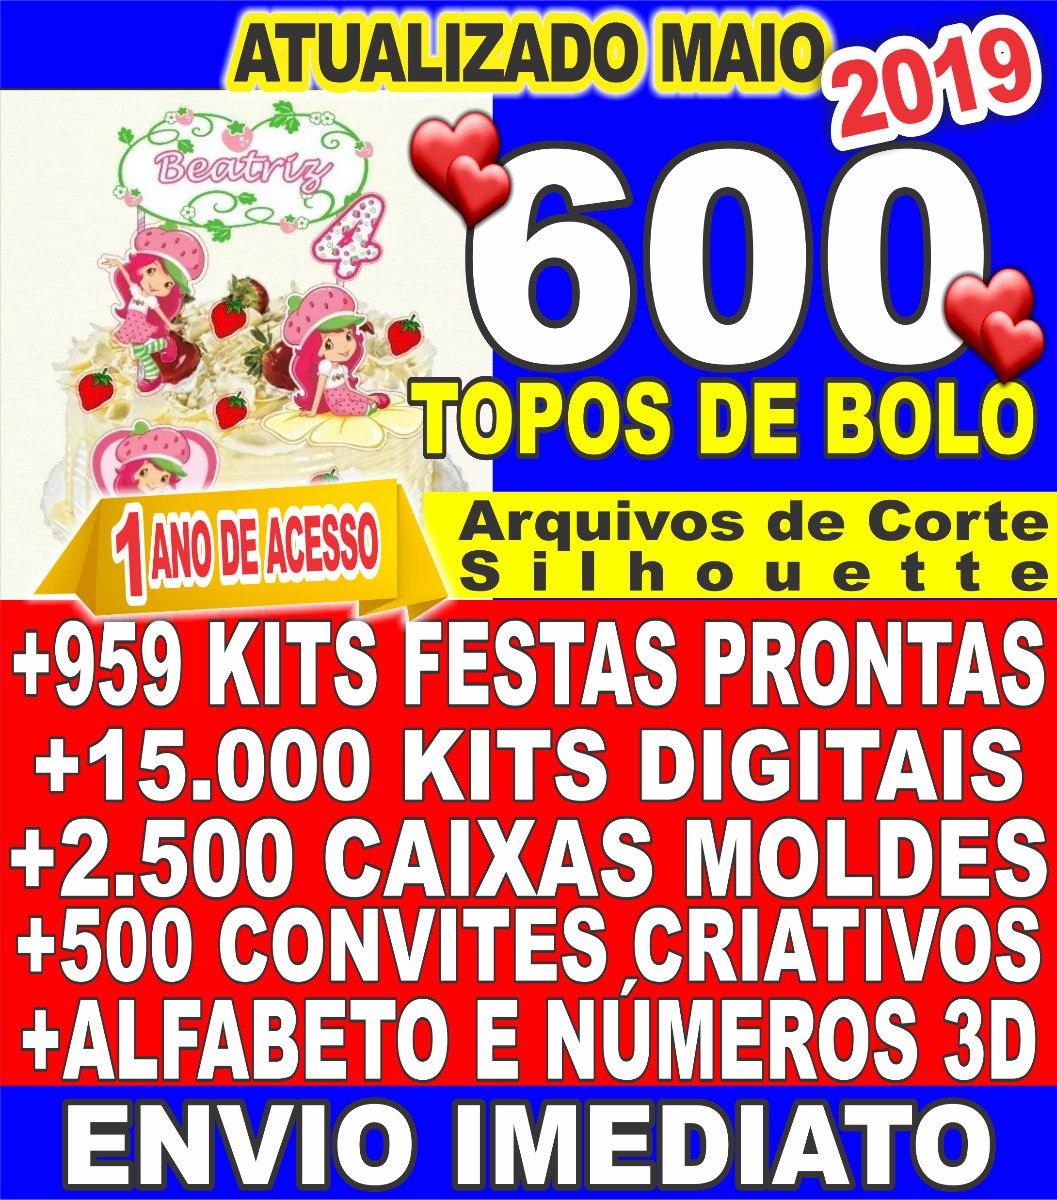 9f566c33e 600 Topos De Bolo Arquivos Silhouette +959 Kit Festas - R$ 18,99 em Mercado  Livre